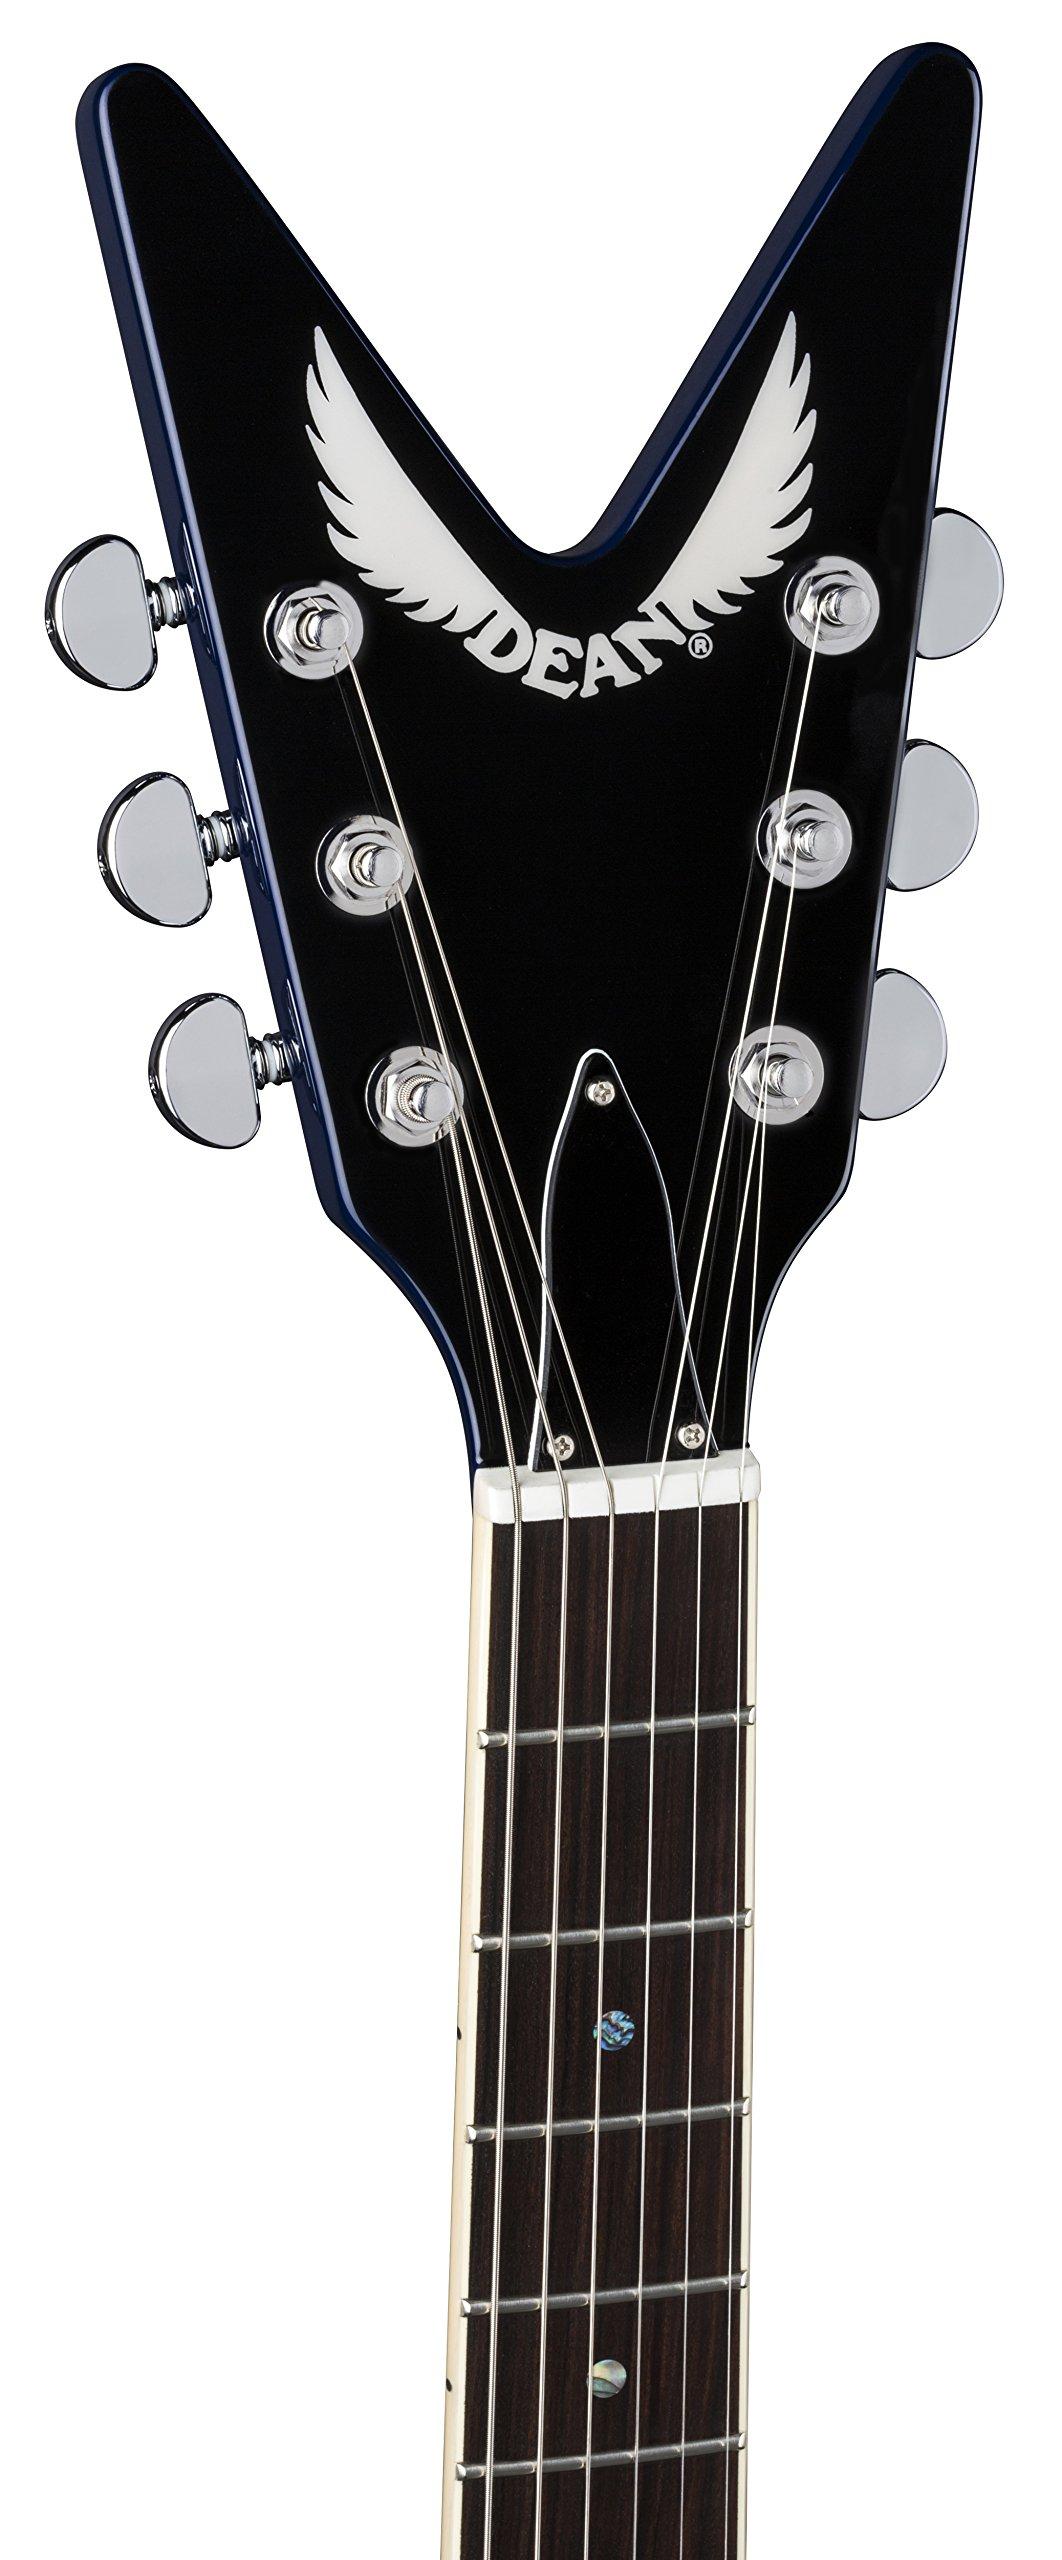 dean z 79 electric guitar blue burst guitar affinity. Black Bedroom Furniture Sets. Home Design Ideas